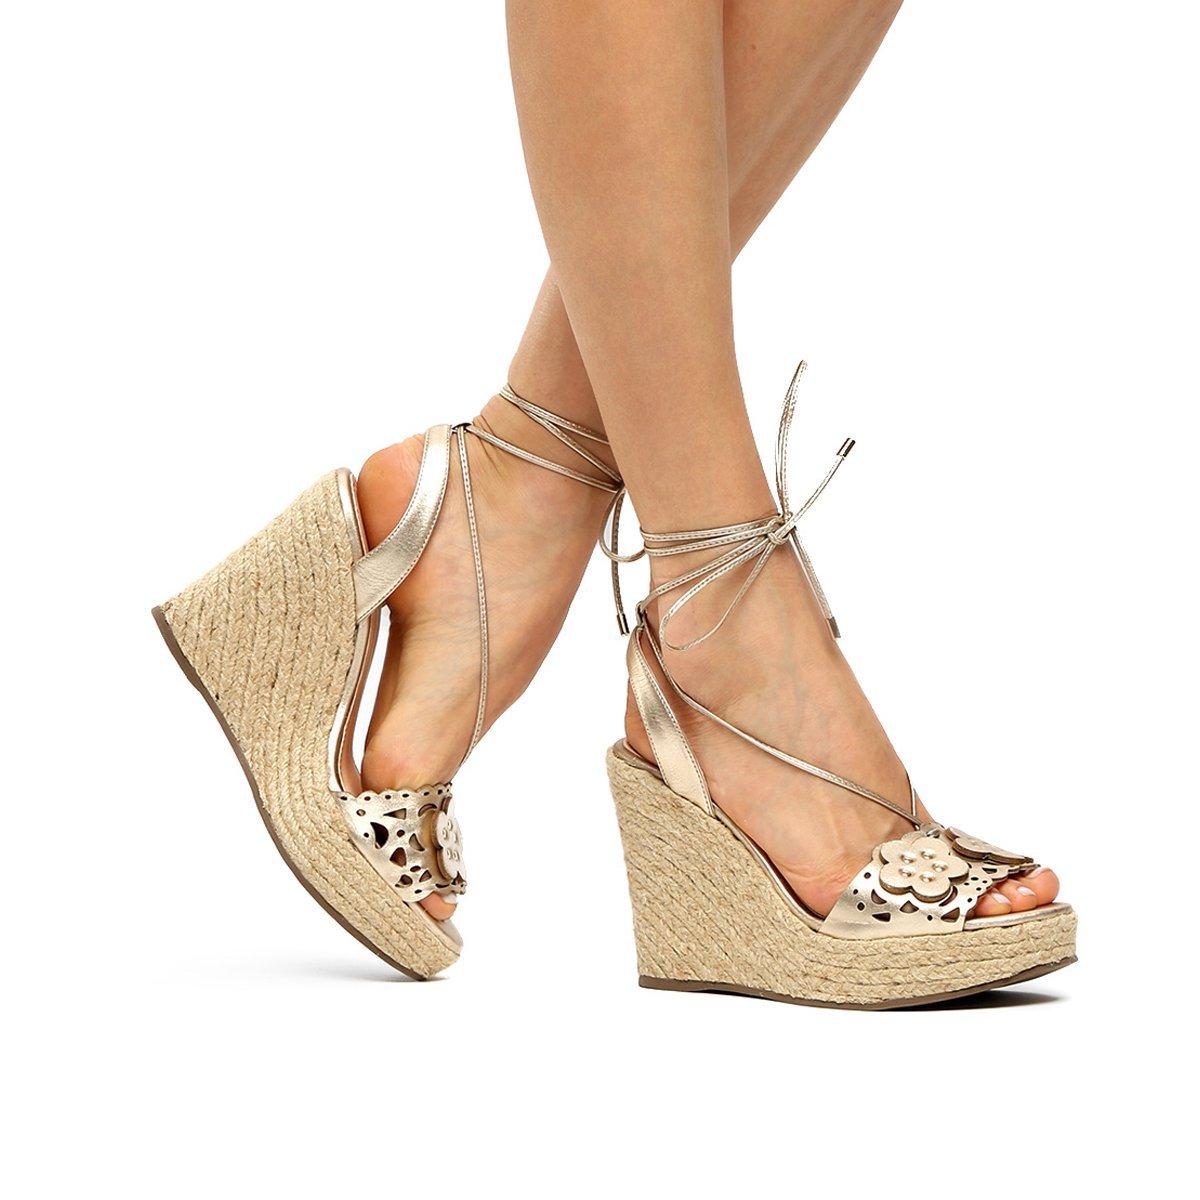 Sandália Sandália Couro Shoestock Plataforma Flores Dourado Couro Feminina Metalizadas 5rRqw5